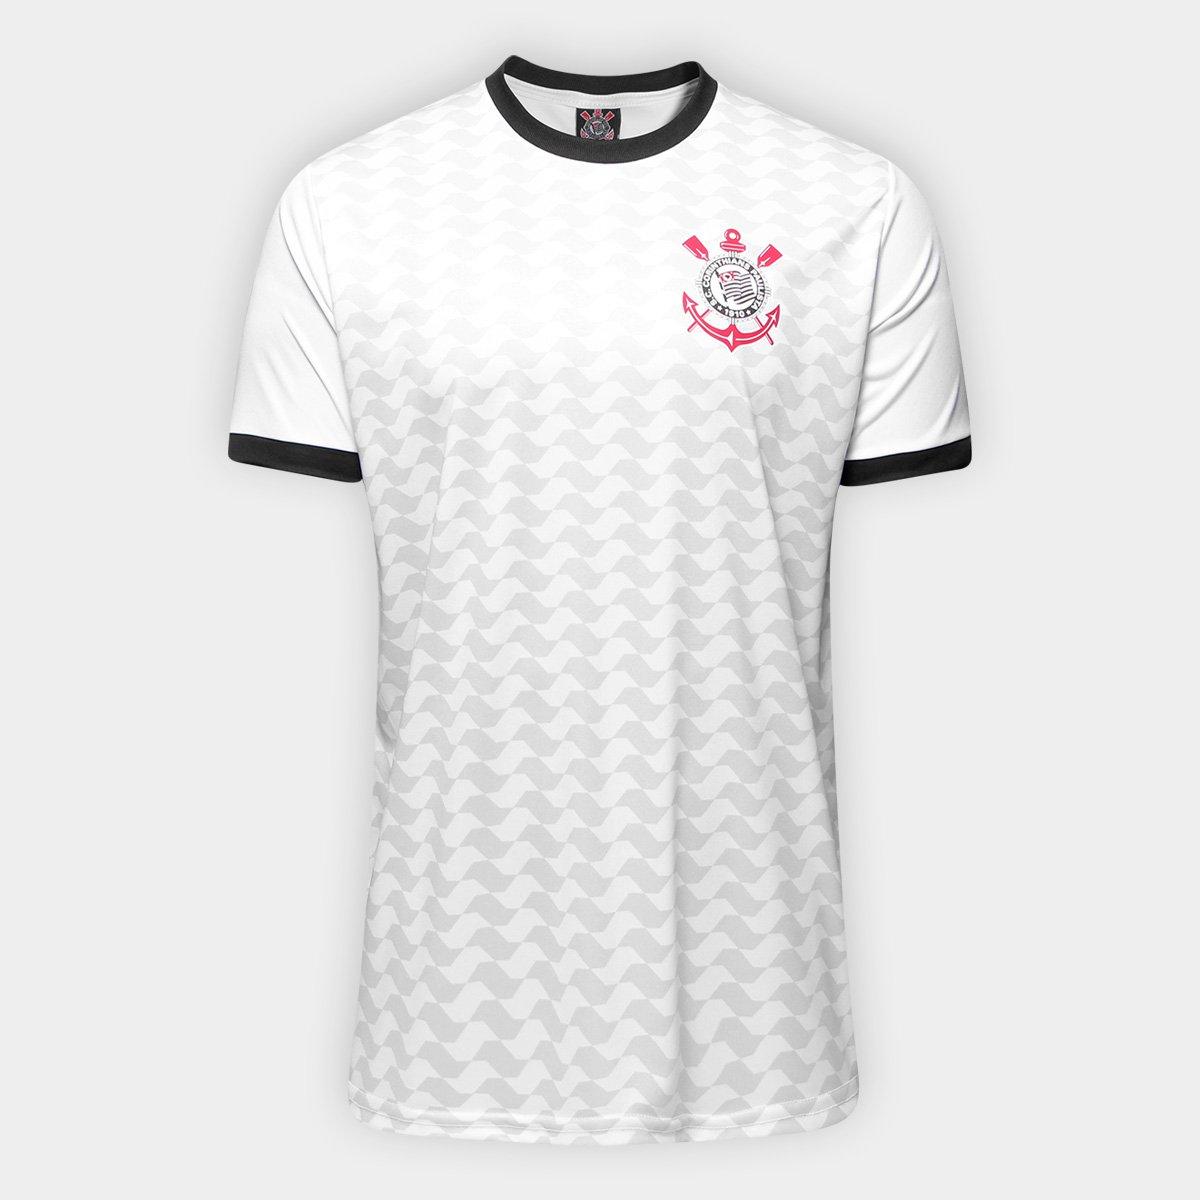 Camisa Corinthians Libertados Masculina 3b2cf07fbfba3